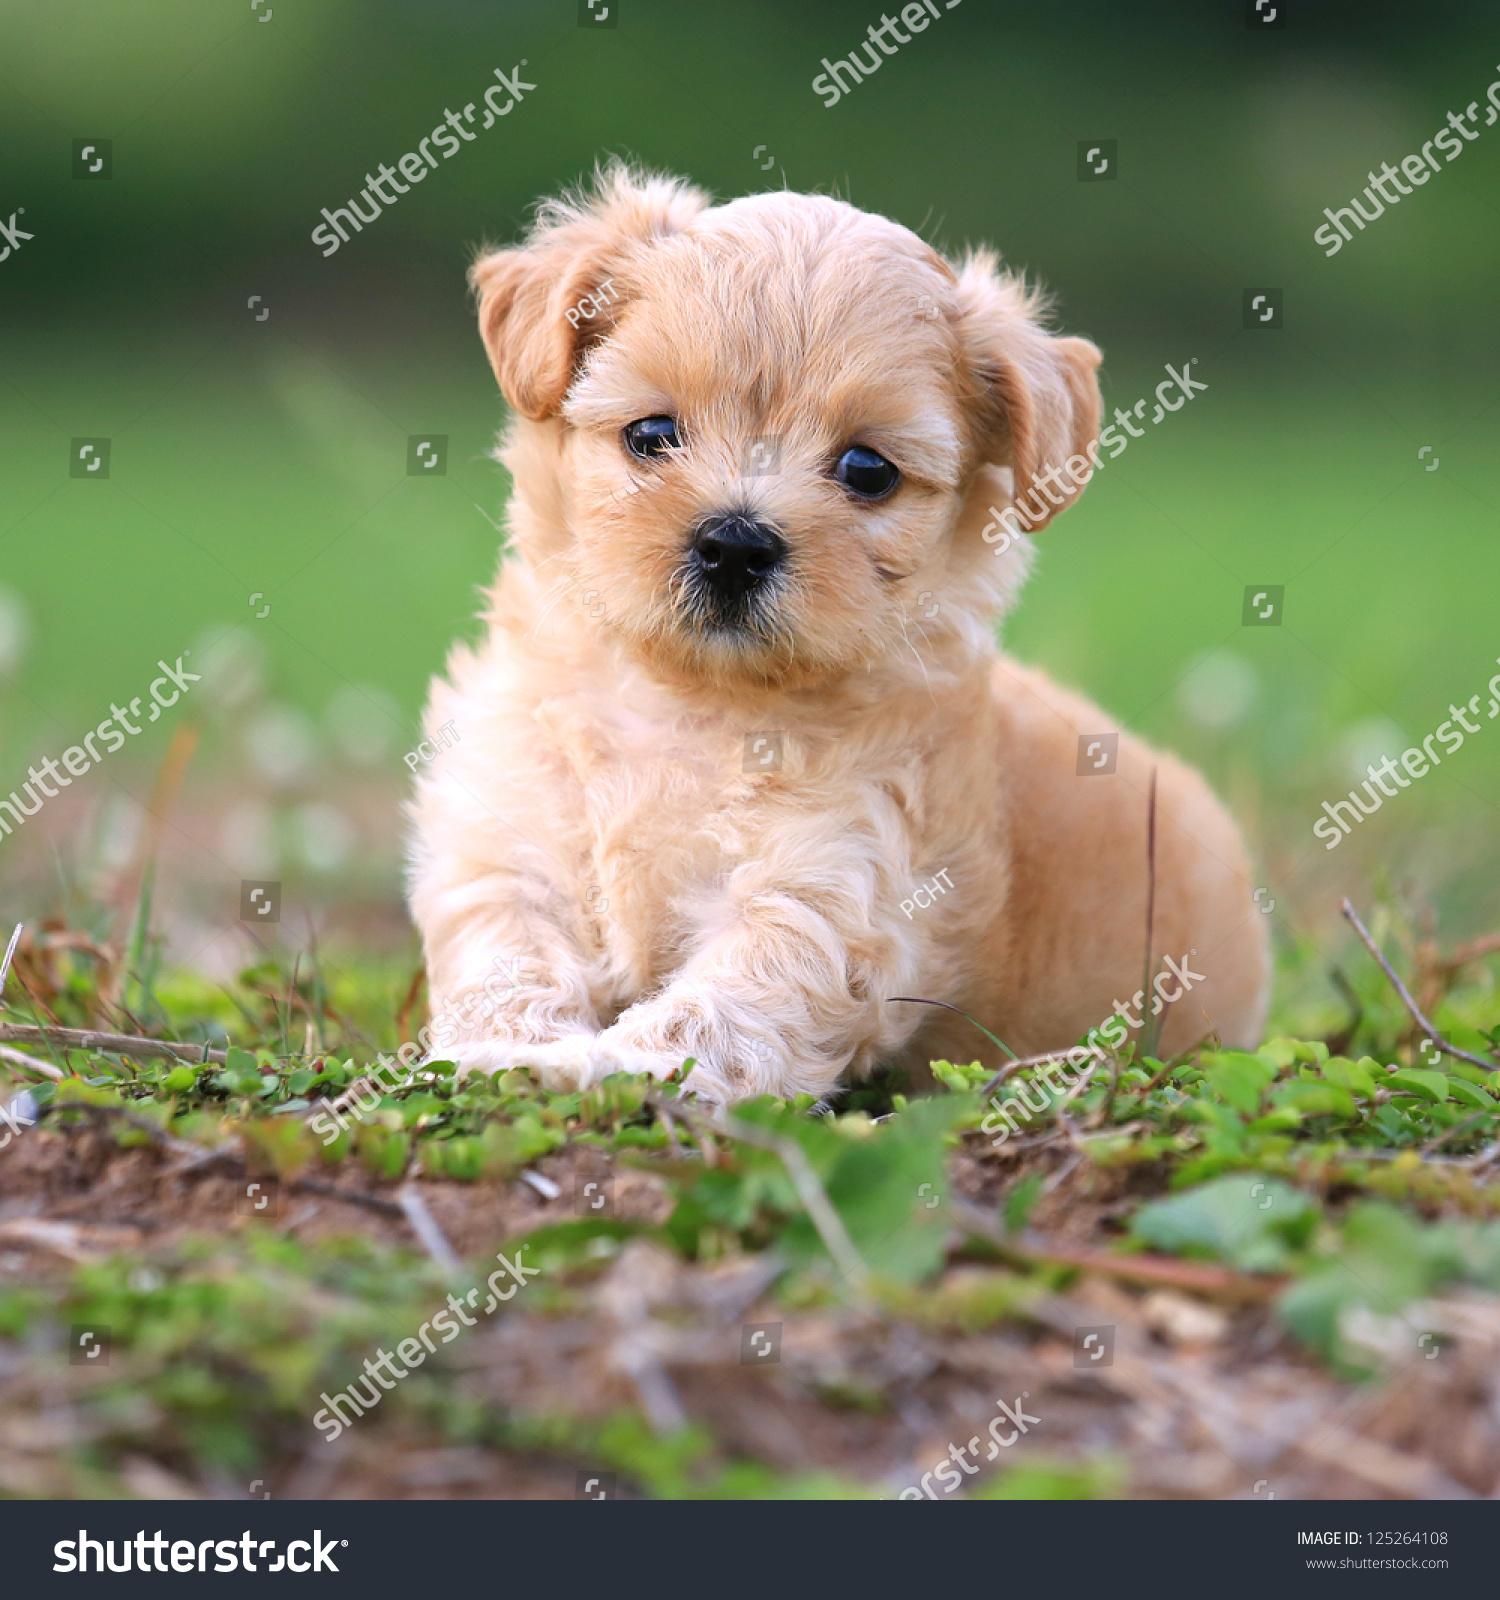 可爱的贵宾犬-动物/野生生物